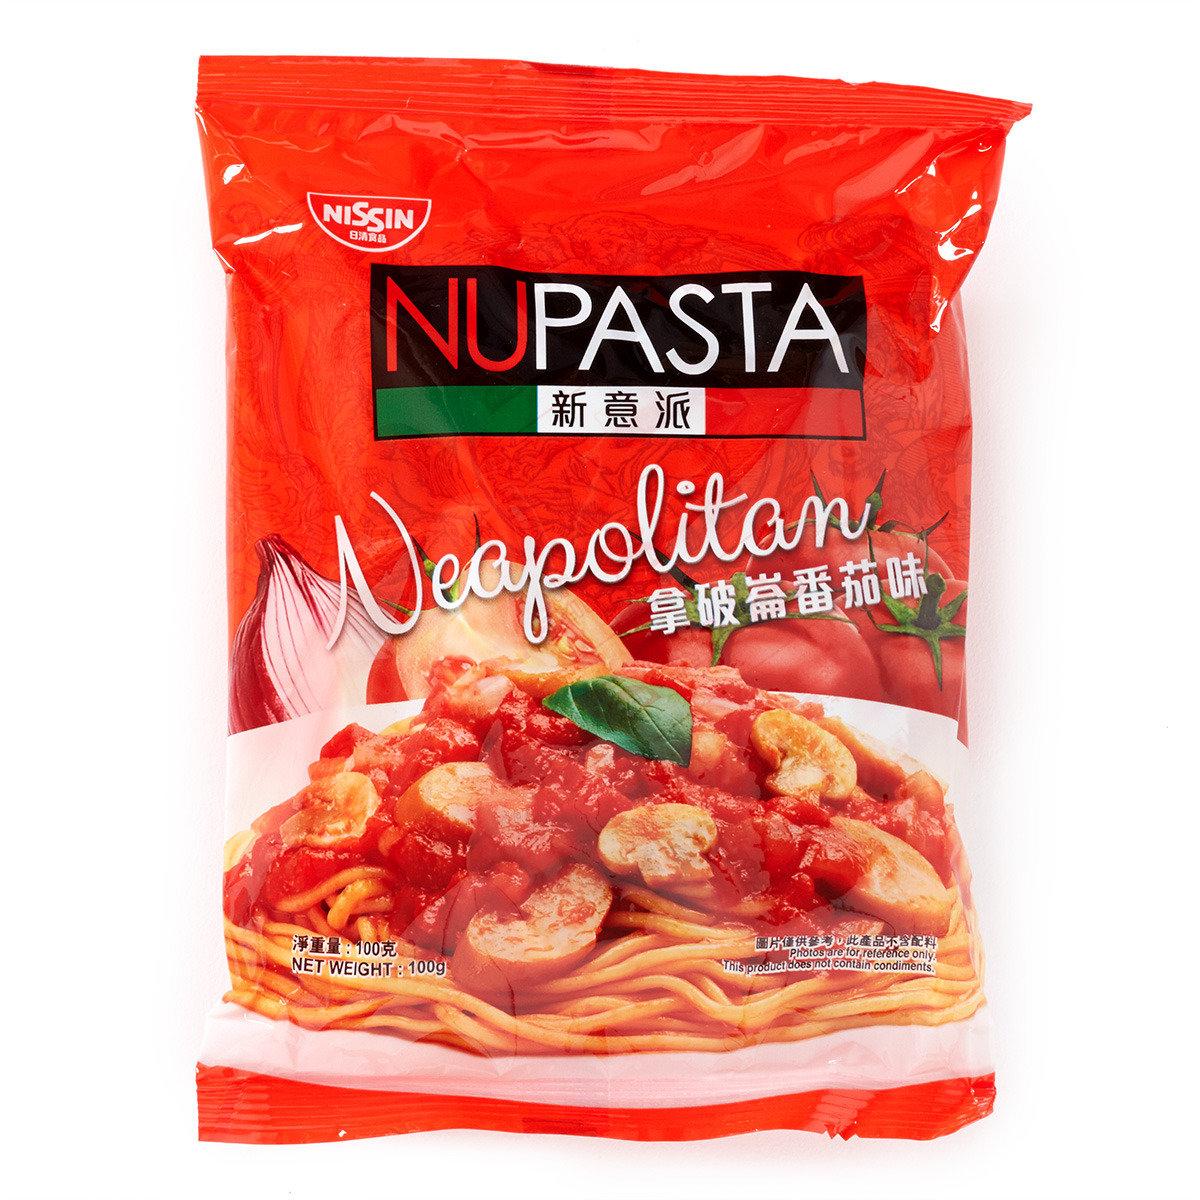 新意派拿破崙番茄味包裝即食麵